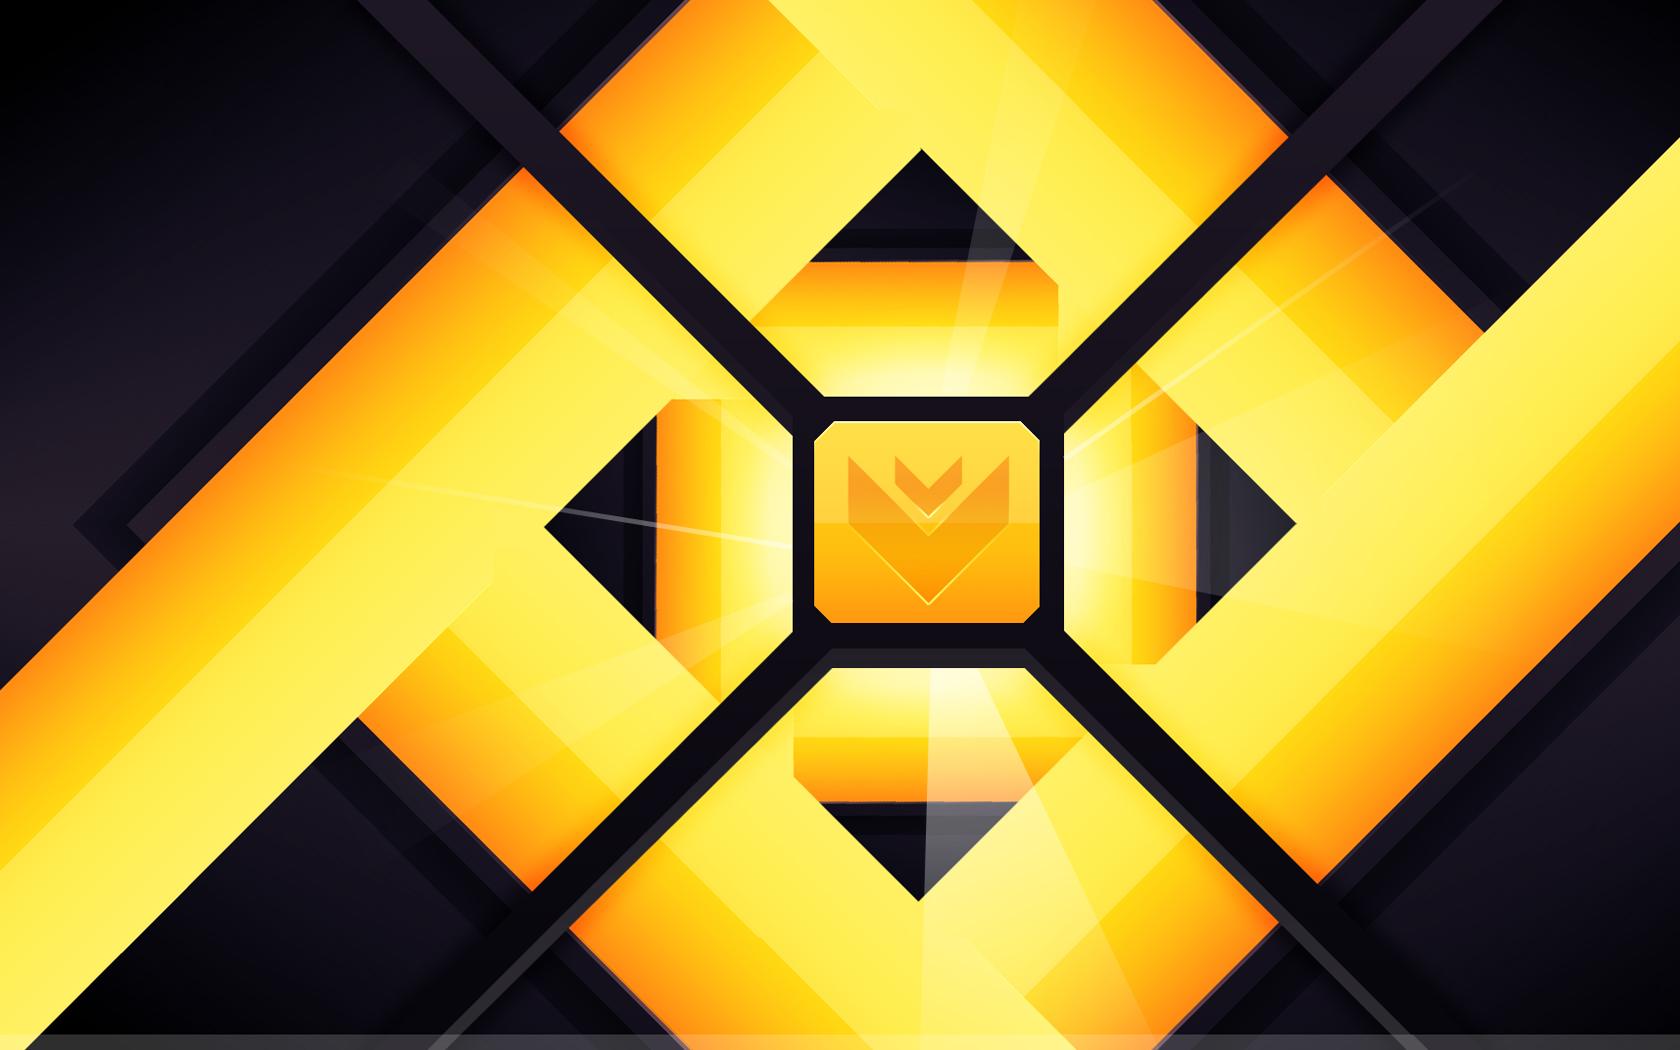 Cool Yellow Wallpaper - WallpaperSafari